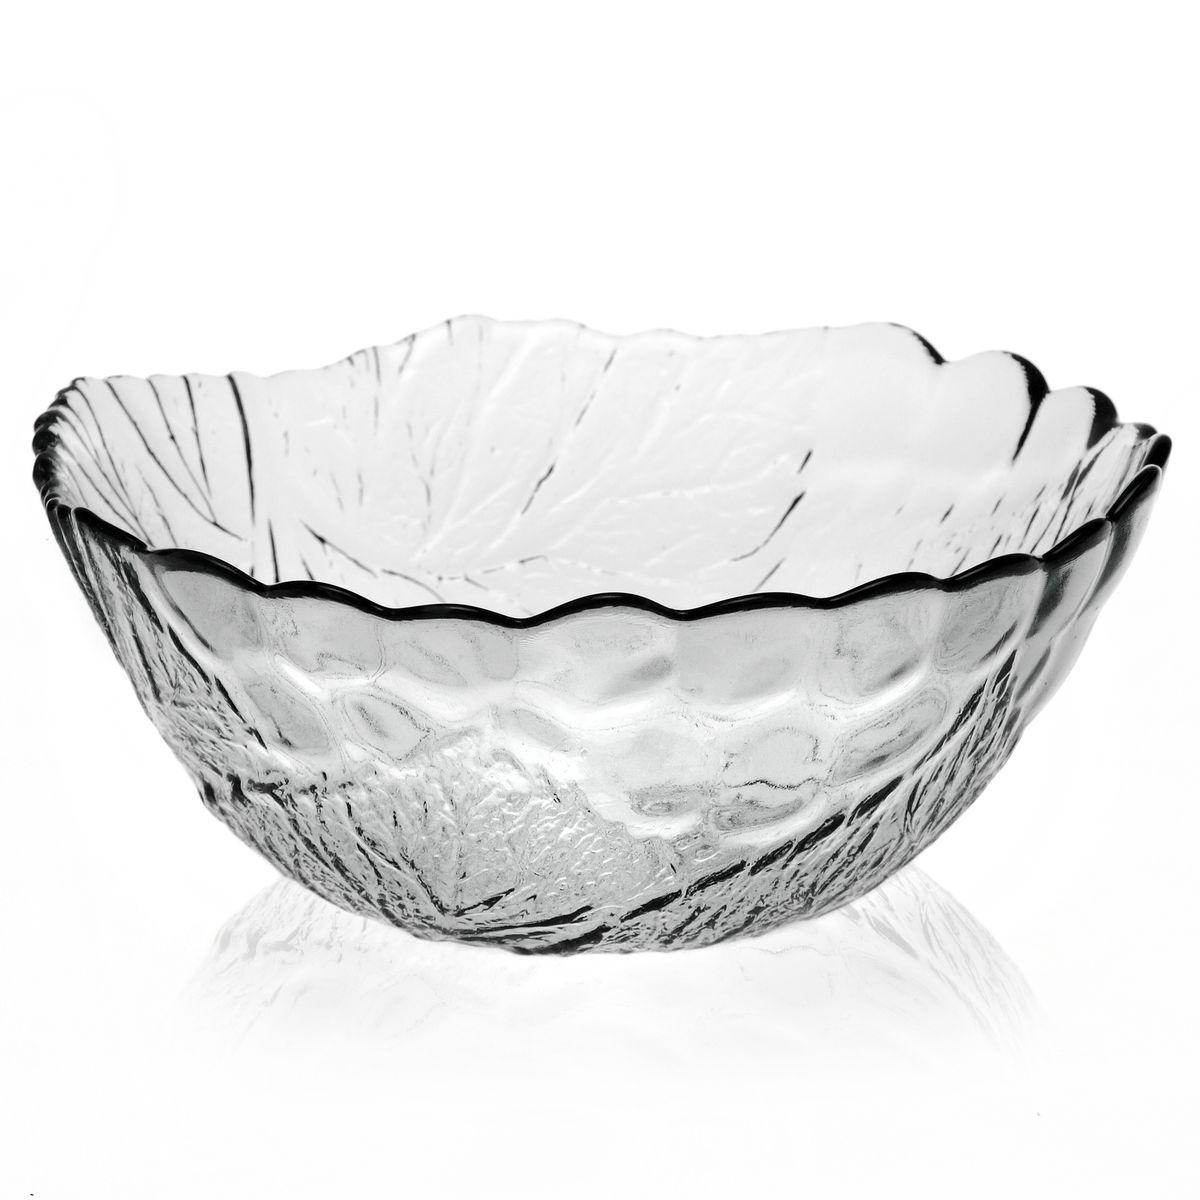 Салатник Pasabahce Sultana, диаметр 22,5 см10284BСалатник Pasabahce Sultana, выполненный из прозрачного высококачественного натрий-кальций-силикатного стекла, предназначен для красивой сервировки различных блюд. Внешние стенки салатника имеют рифленую поверхность. Салатник сочетает в себе изысканный дизайн с максимальной функциональностью. Оригинальность оформления придется по вкусу и ценителям классики, и тем, кто предпочитает утонченность и изящность. Можно использовать в холодильной камере, микроволновой печи и мыть в посудомоечной машине. Диаметр салатника: 22,5 см. Высота салатника: 9,5 см.